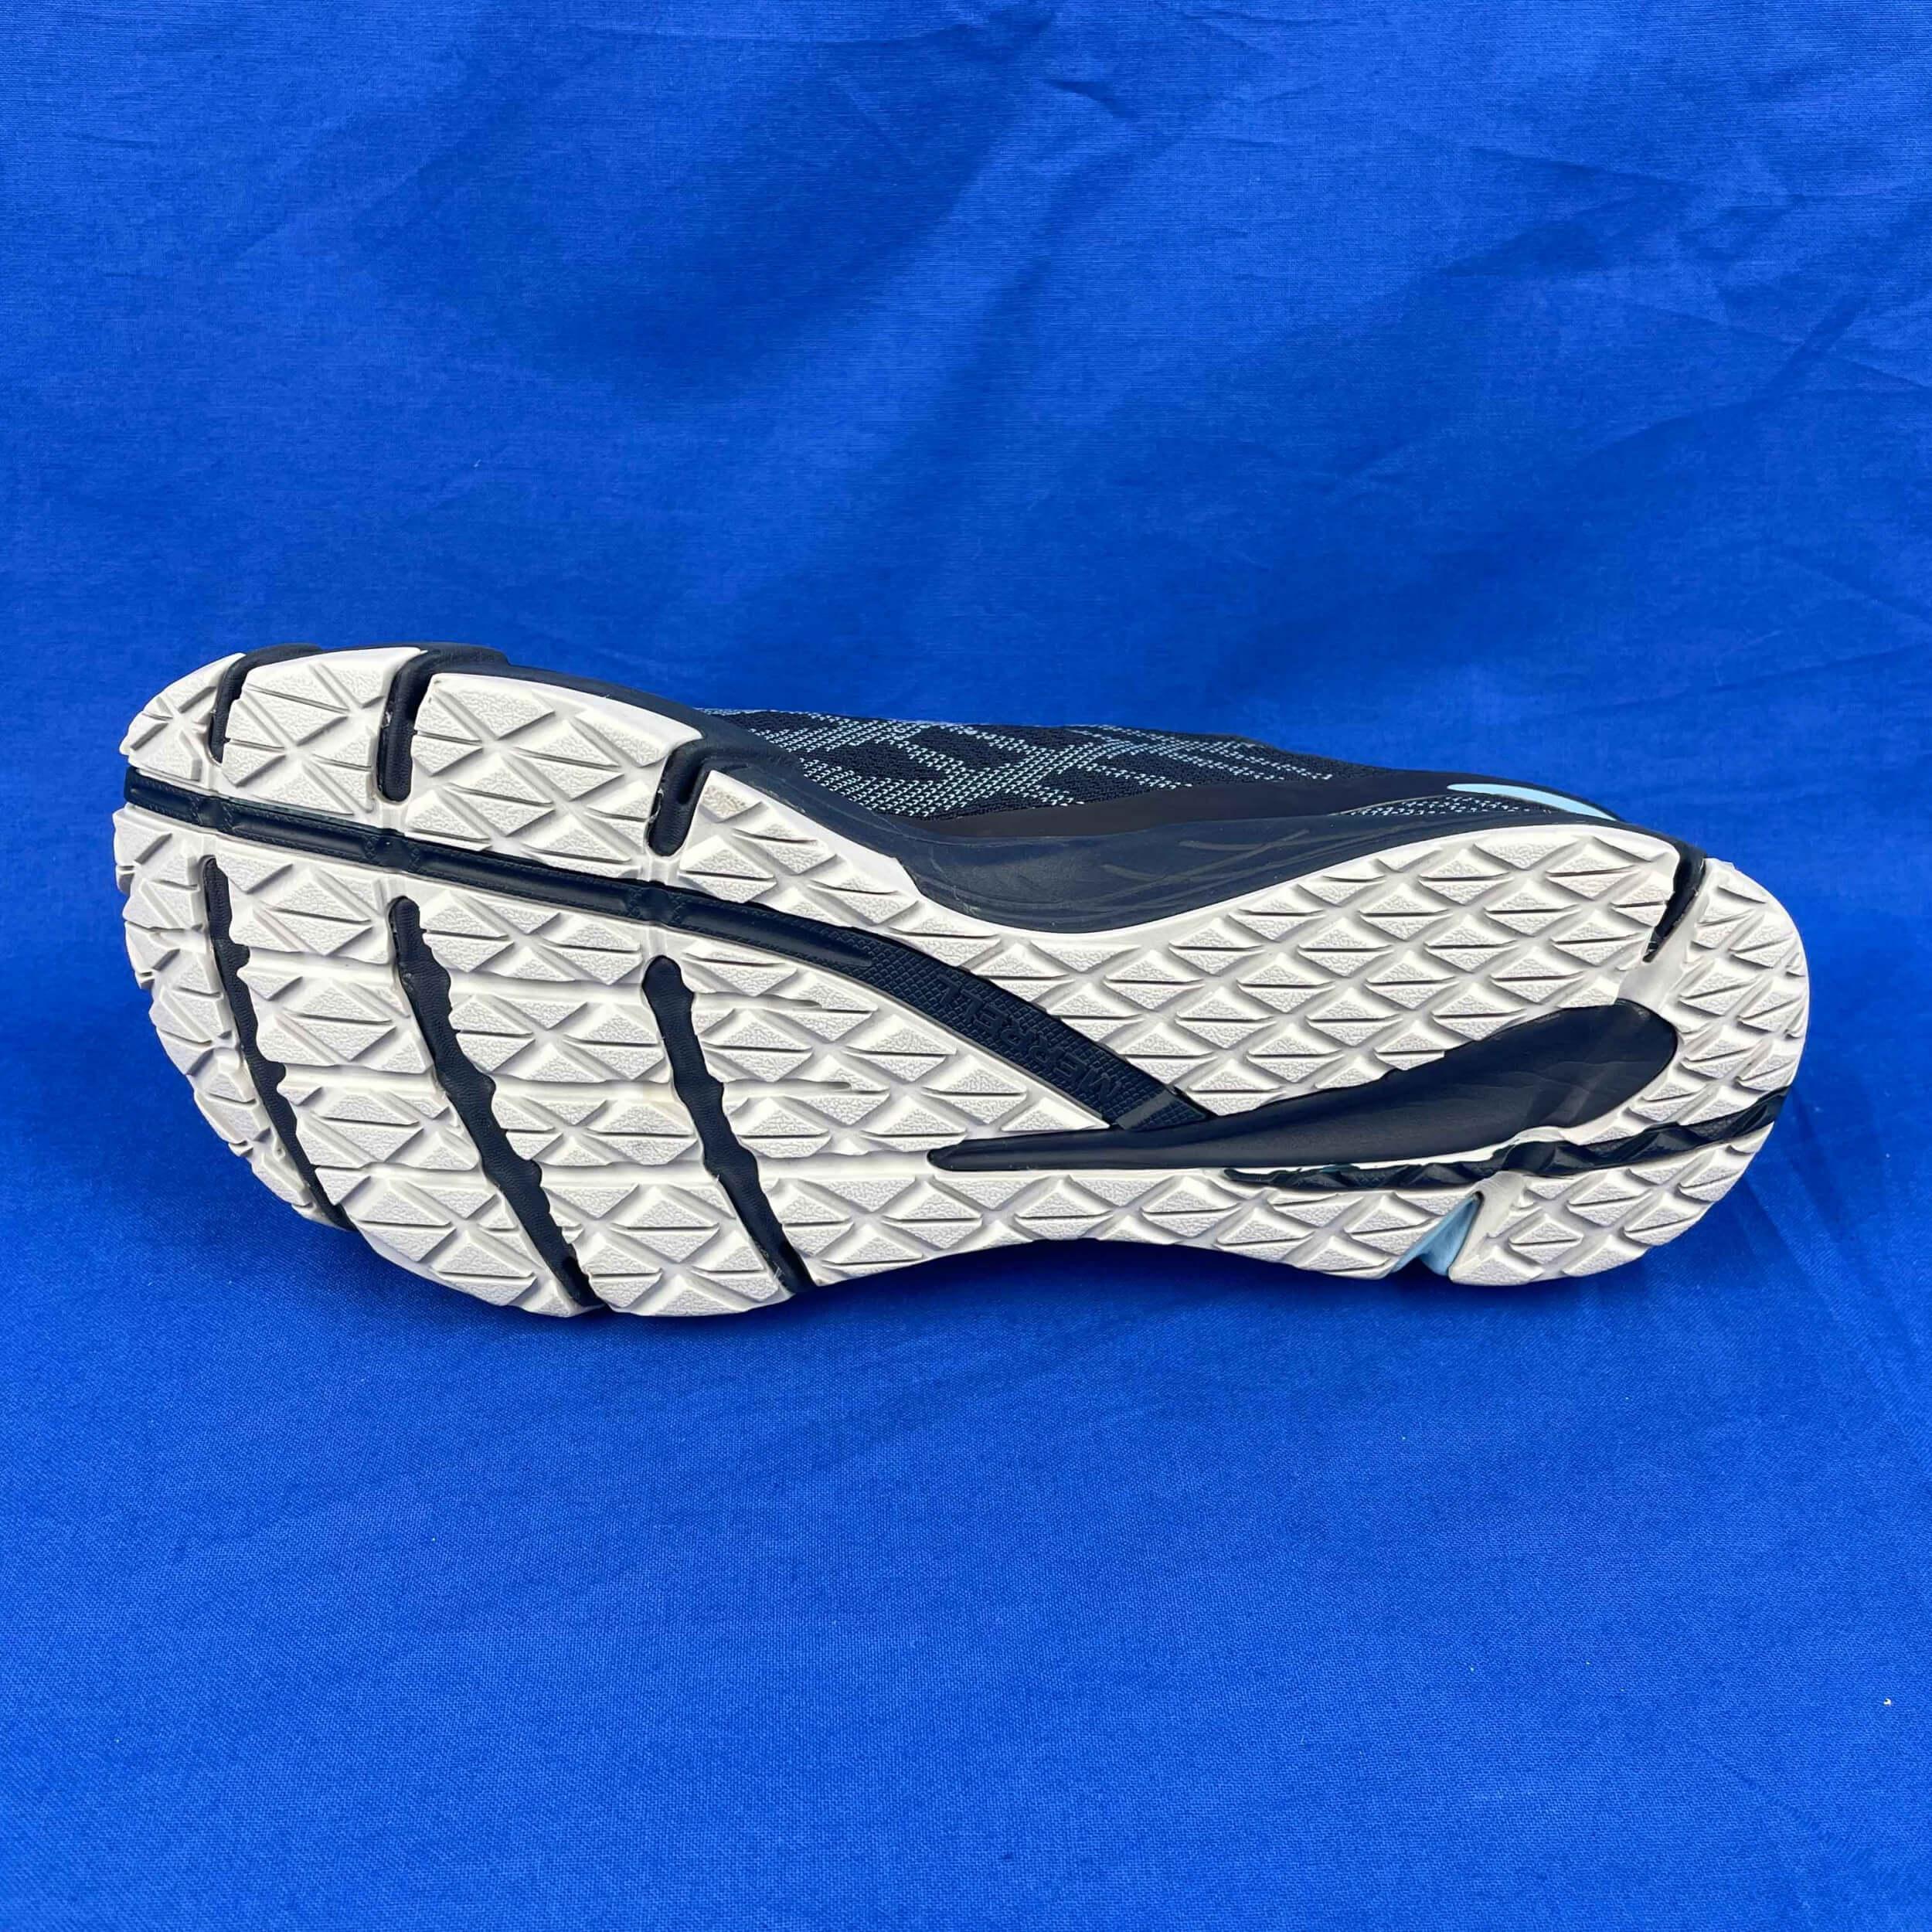 Merrell Herren Schuhe Bare Access Flex J12547 blau